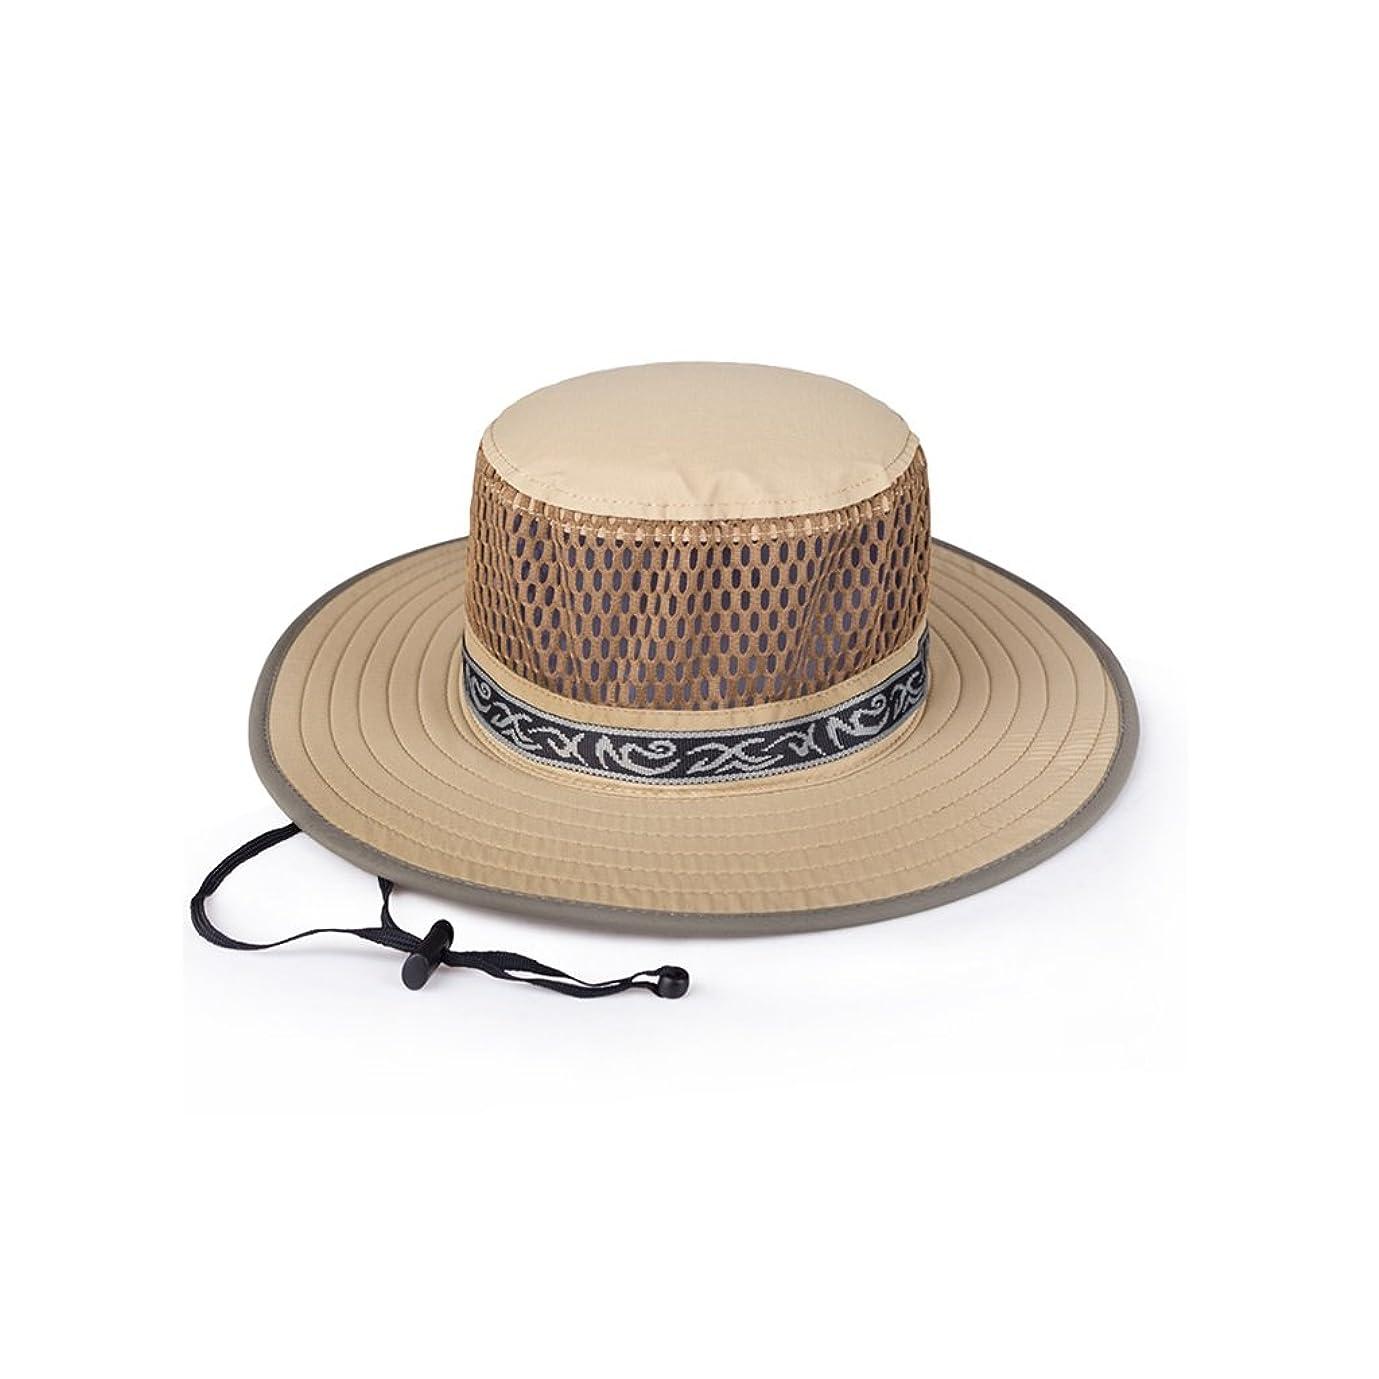 満たす以来カジュアル日曜日の帽子の男性の夏の屋外の上昇の乗車用バイクの紫外線保護網のバイザーの帽子はあごバンドで